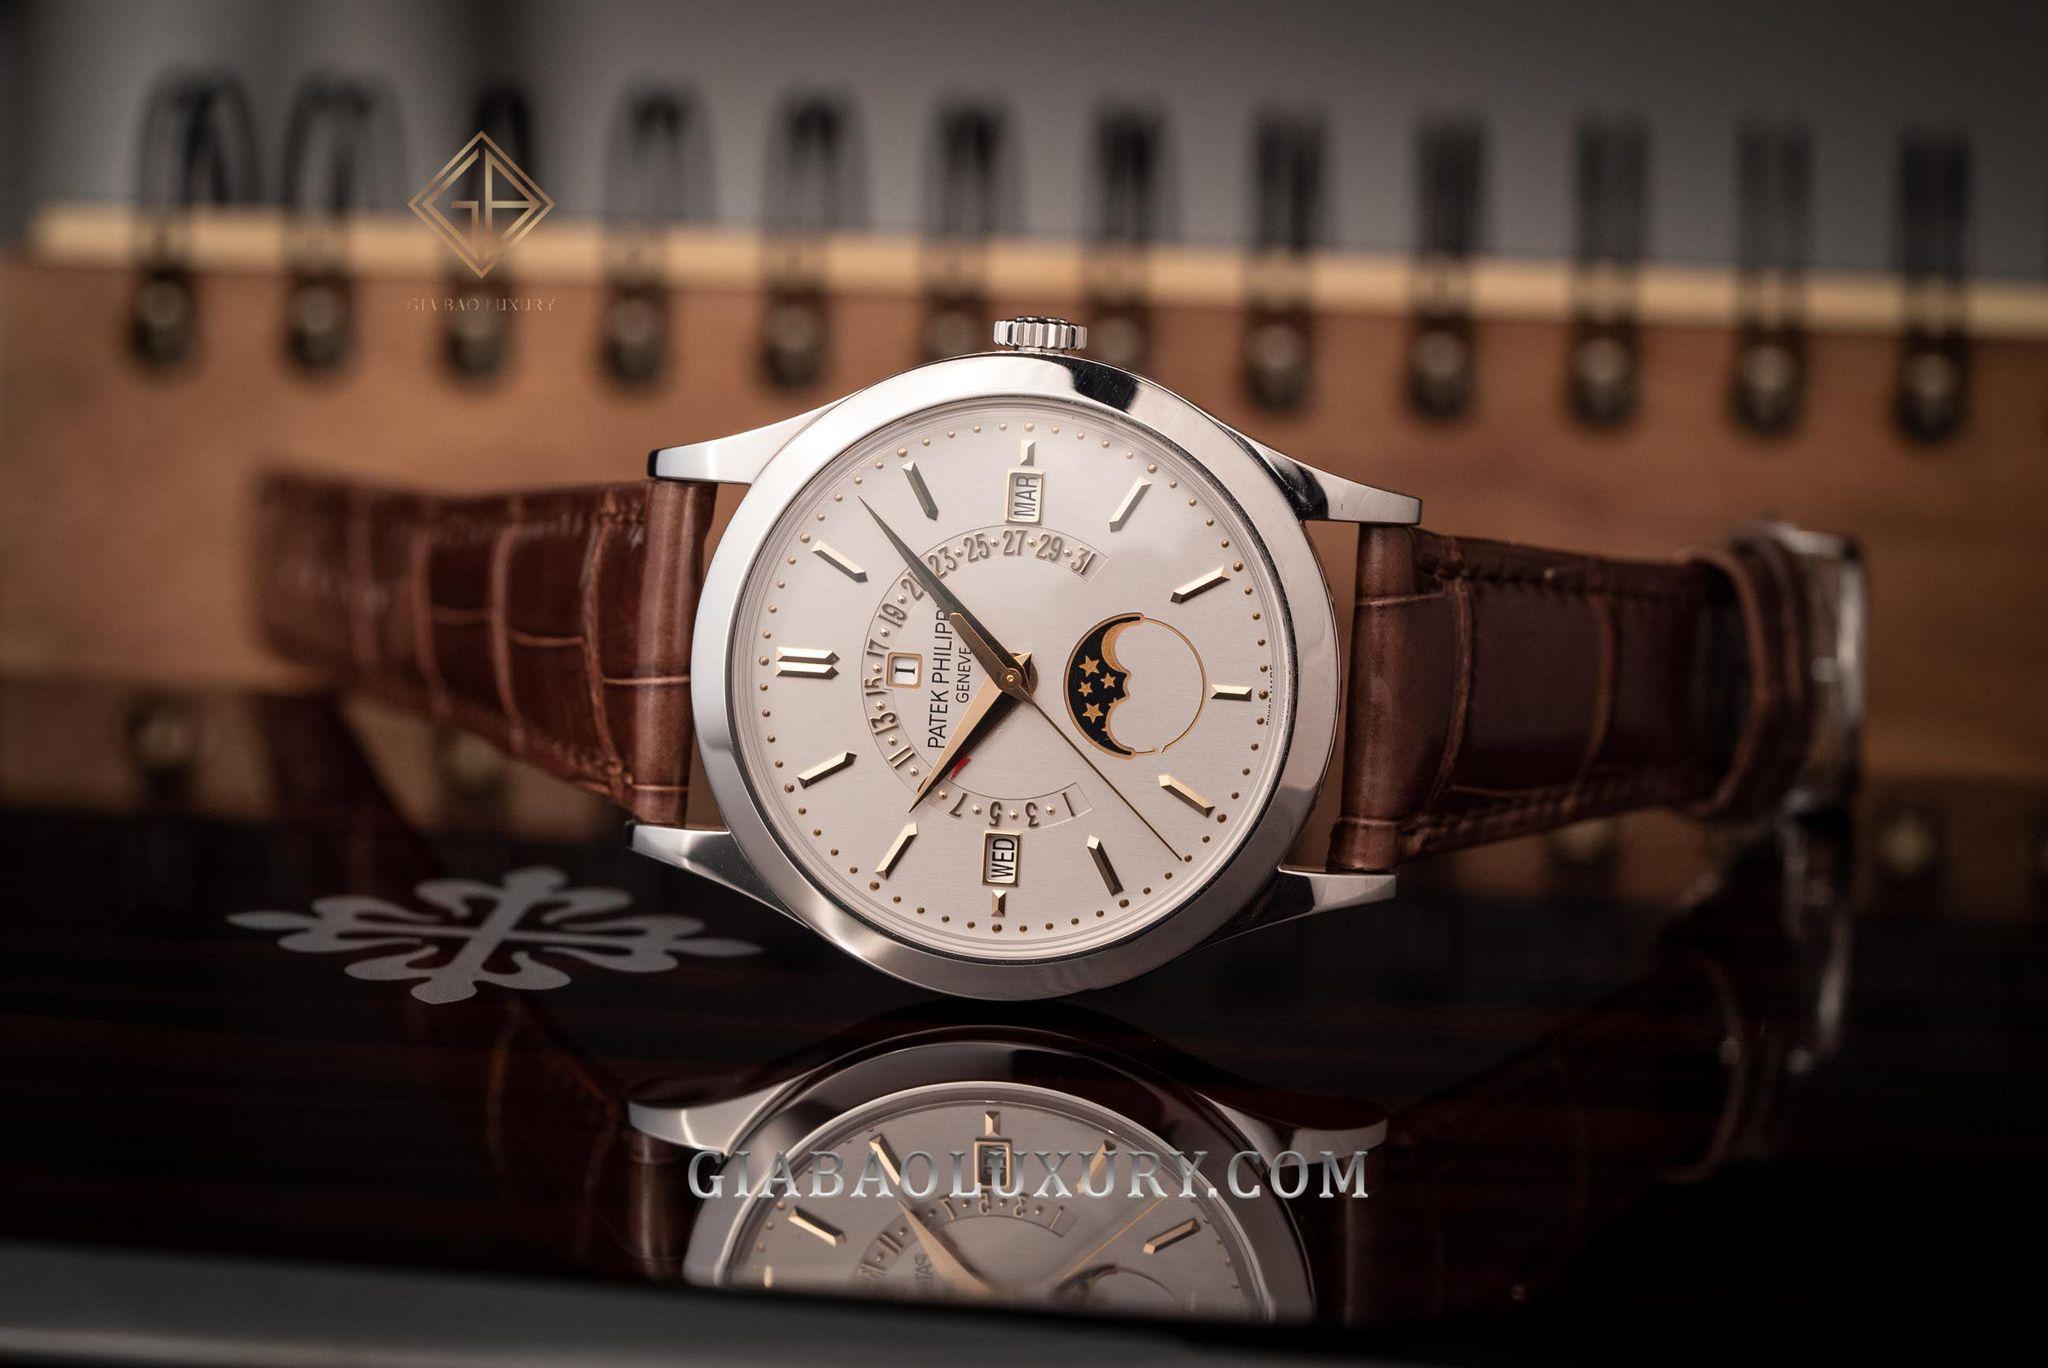 Thu mua đồng hồ Patek Philippe Grand Complications chính hãng